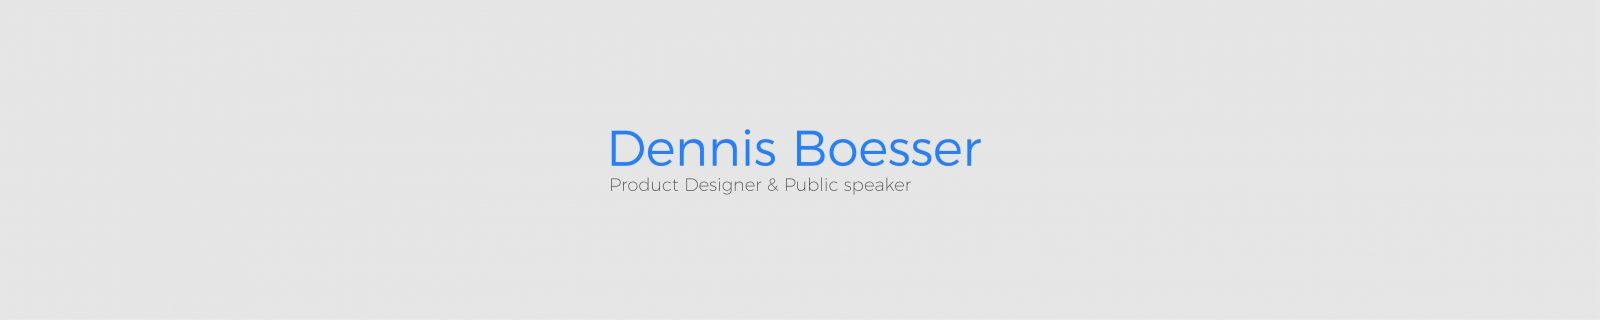 Dennis Boesser